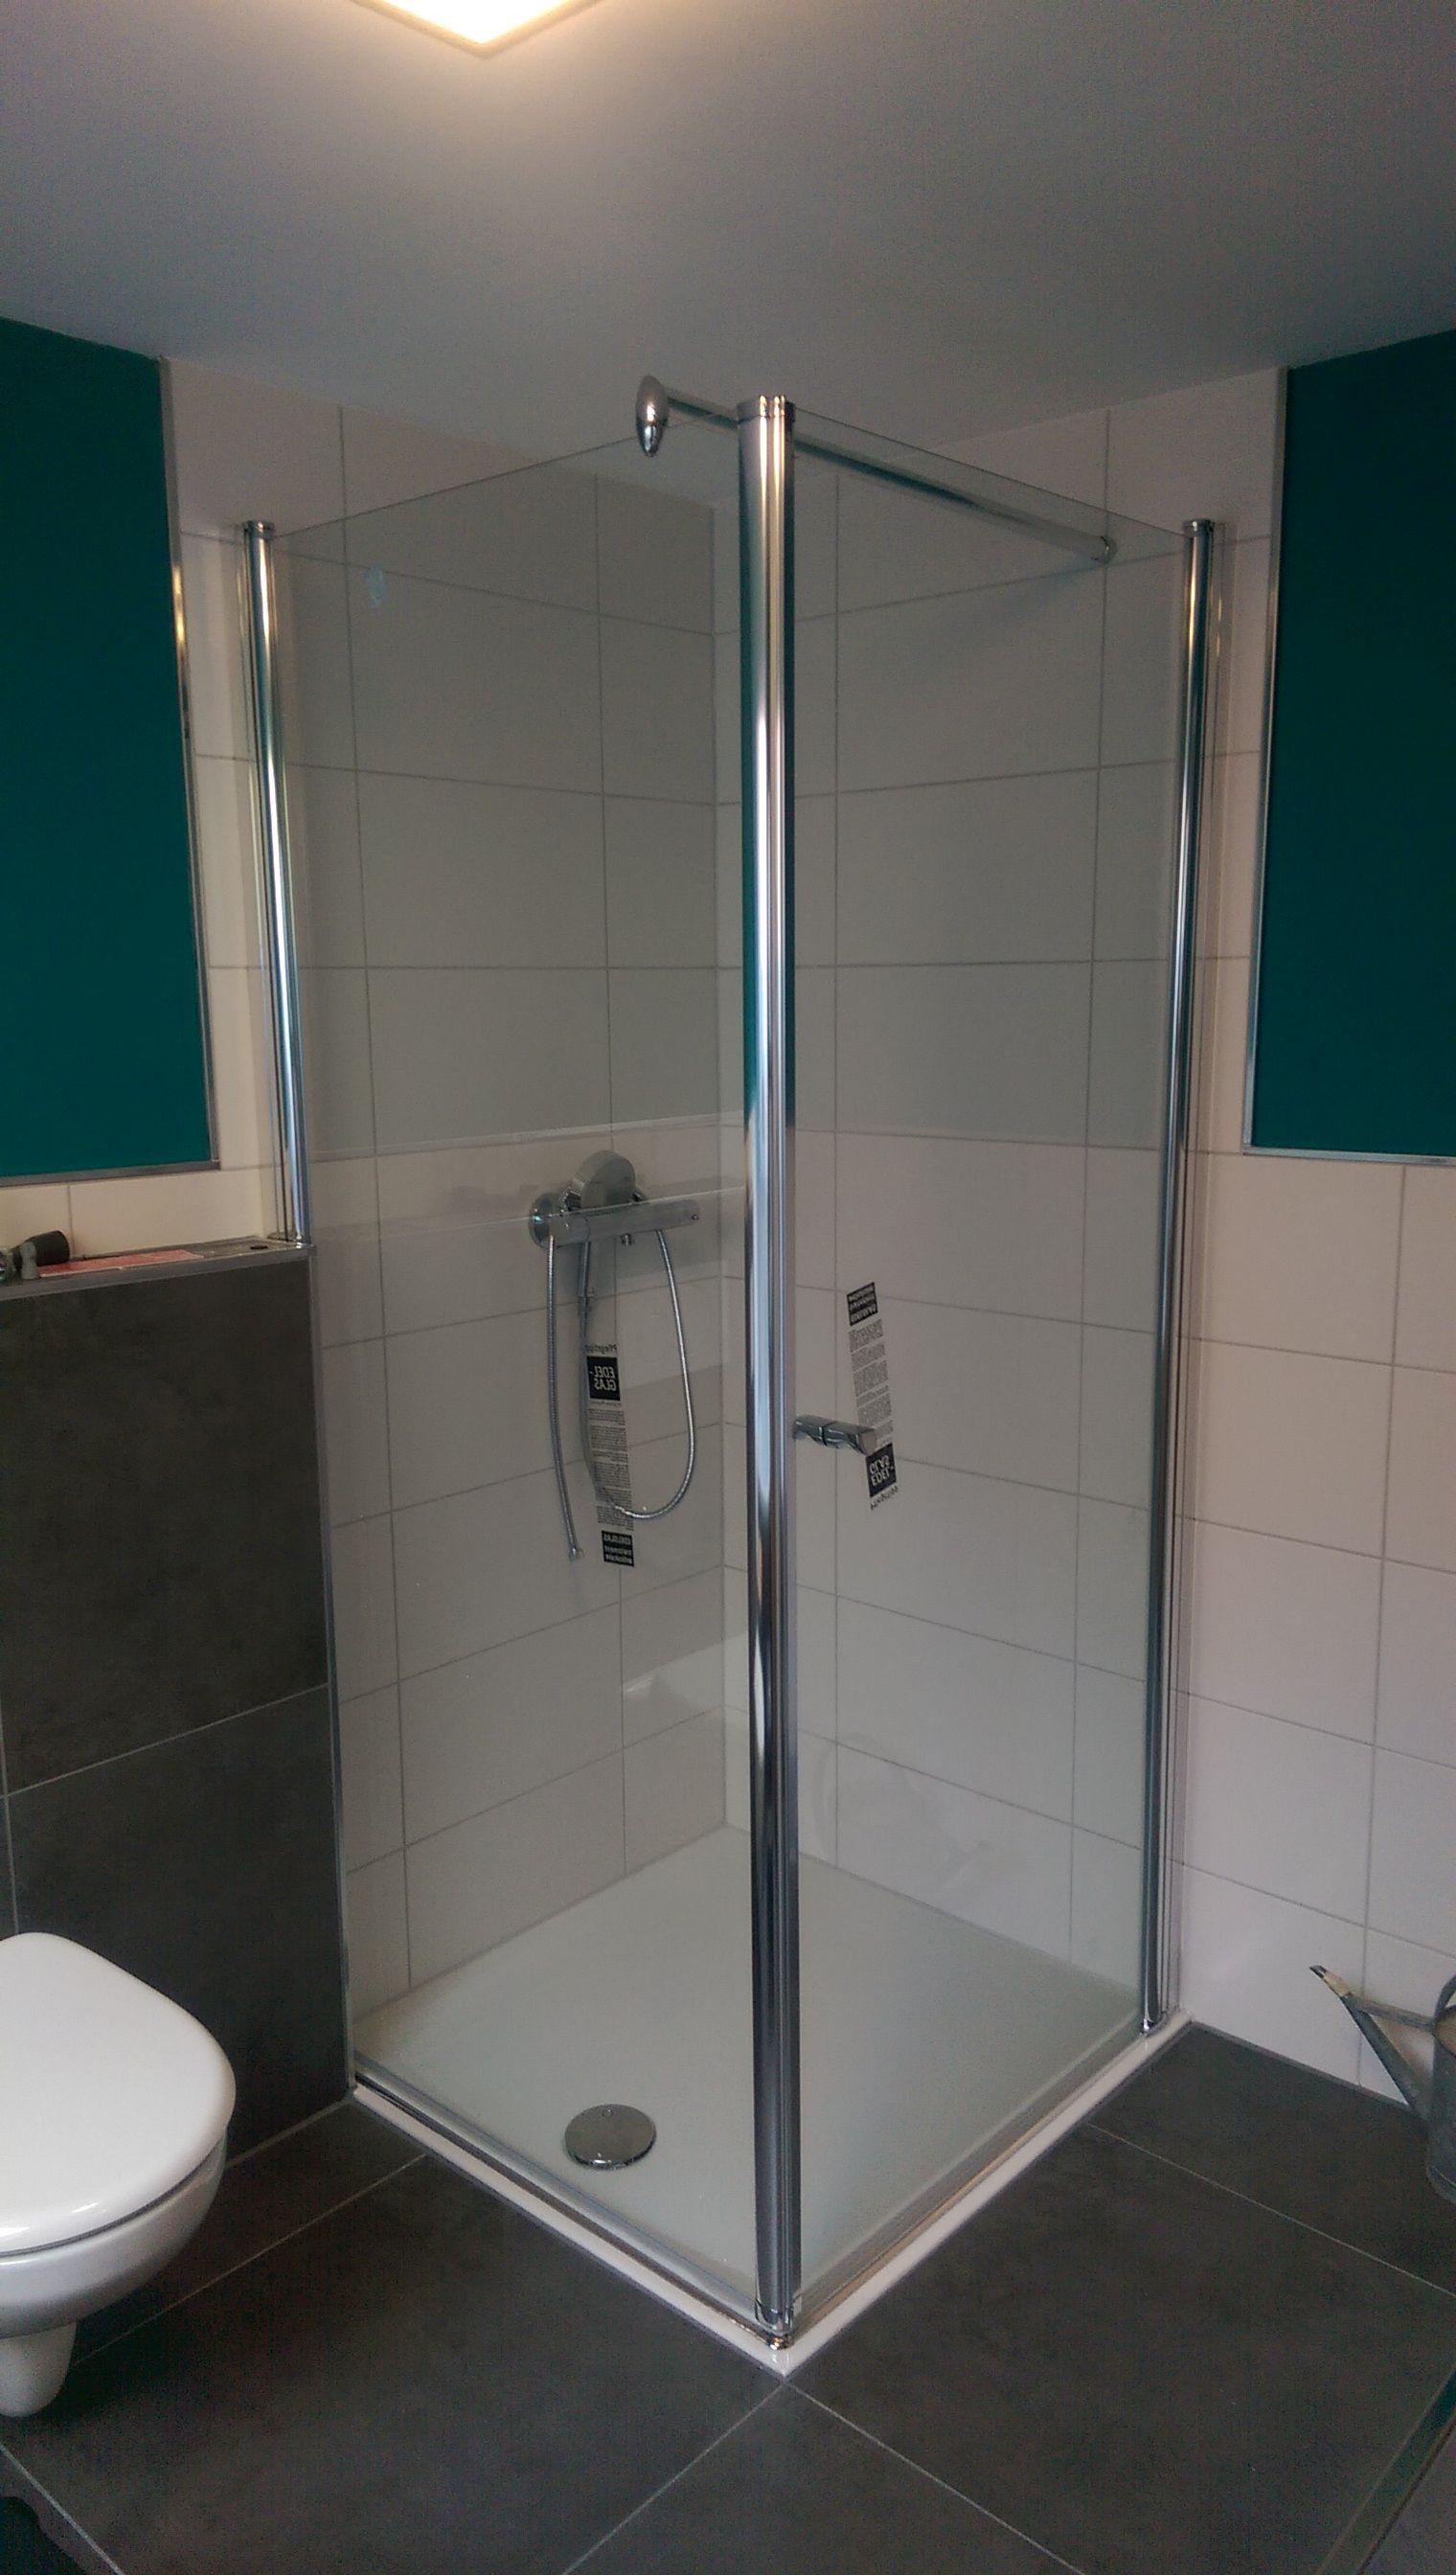 Pin Von Suerig Badshop Auf Aufmass Und Montage Wc Trennwande Kleine Duschen Duschkabine